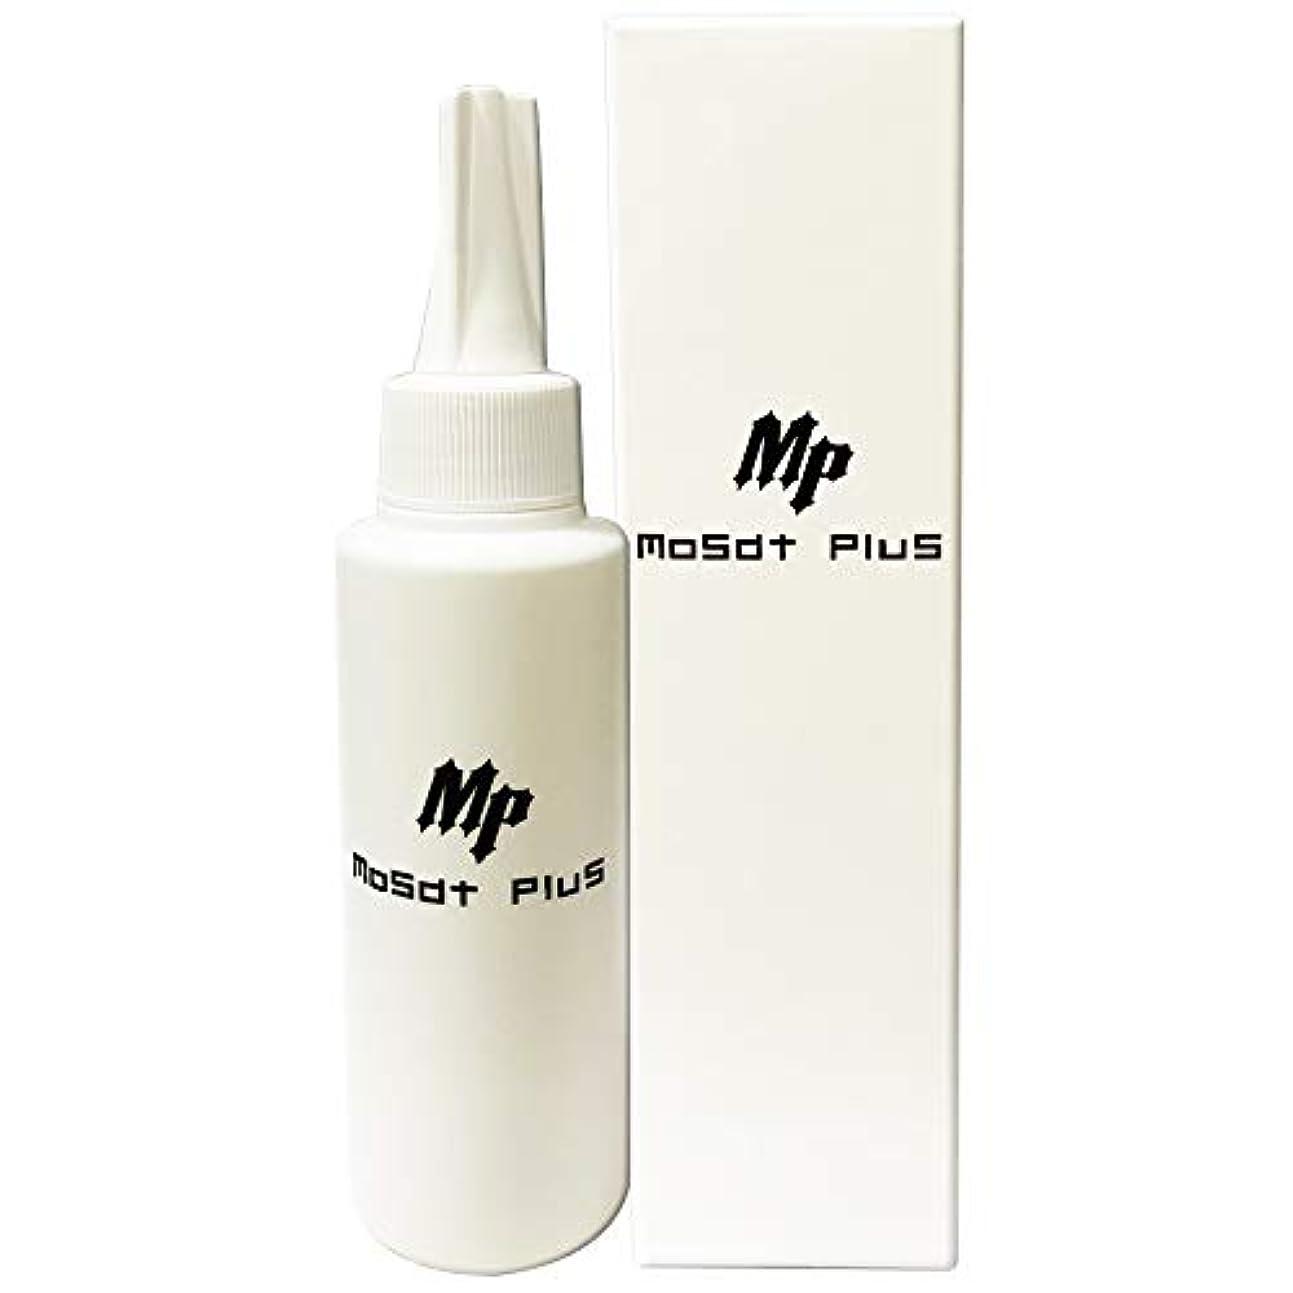 信念資本パッケージ【医薬部外品】Mosat Plus モサットプラス 育毛剤 ジェルタイプ 薬用 100mL